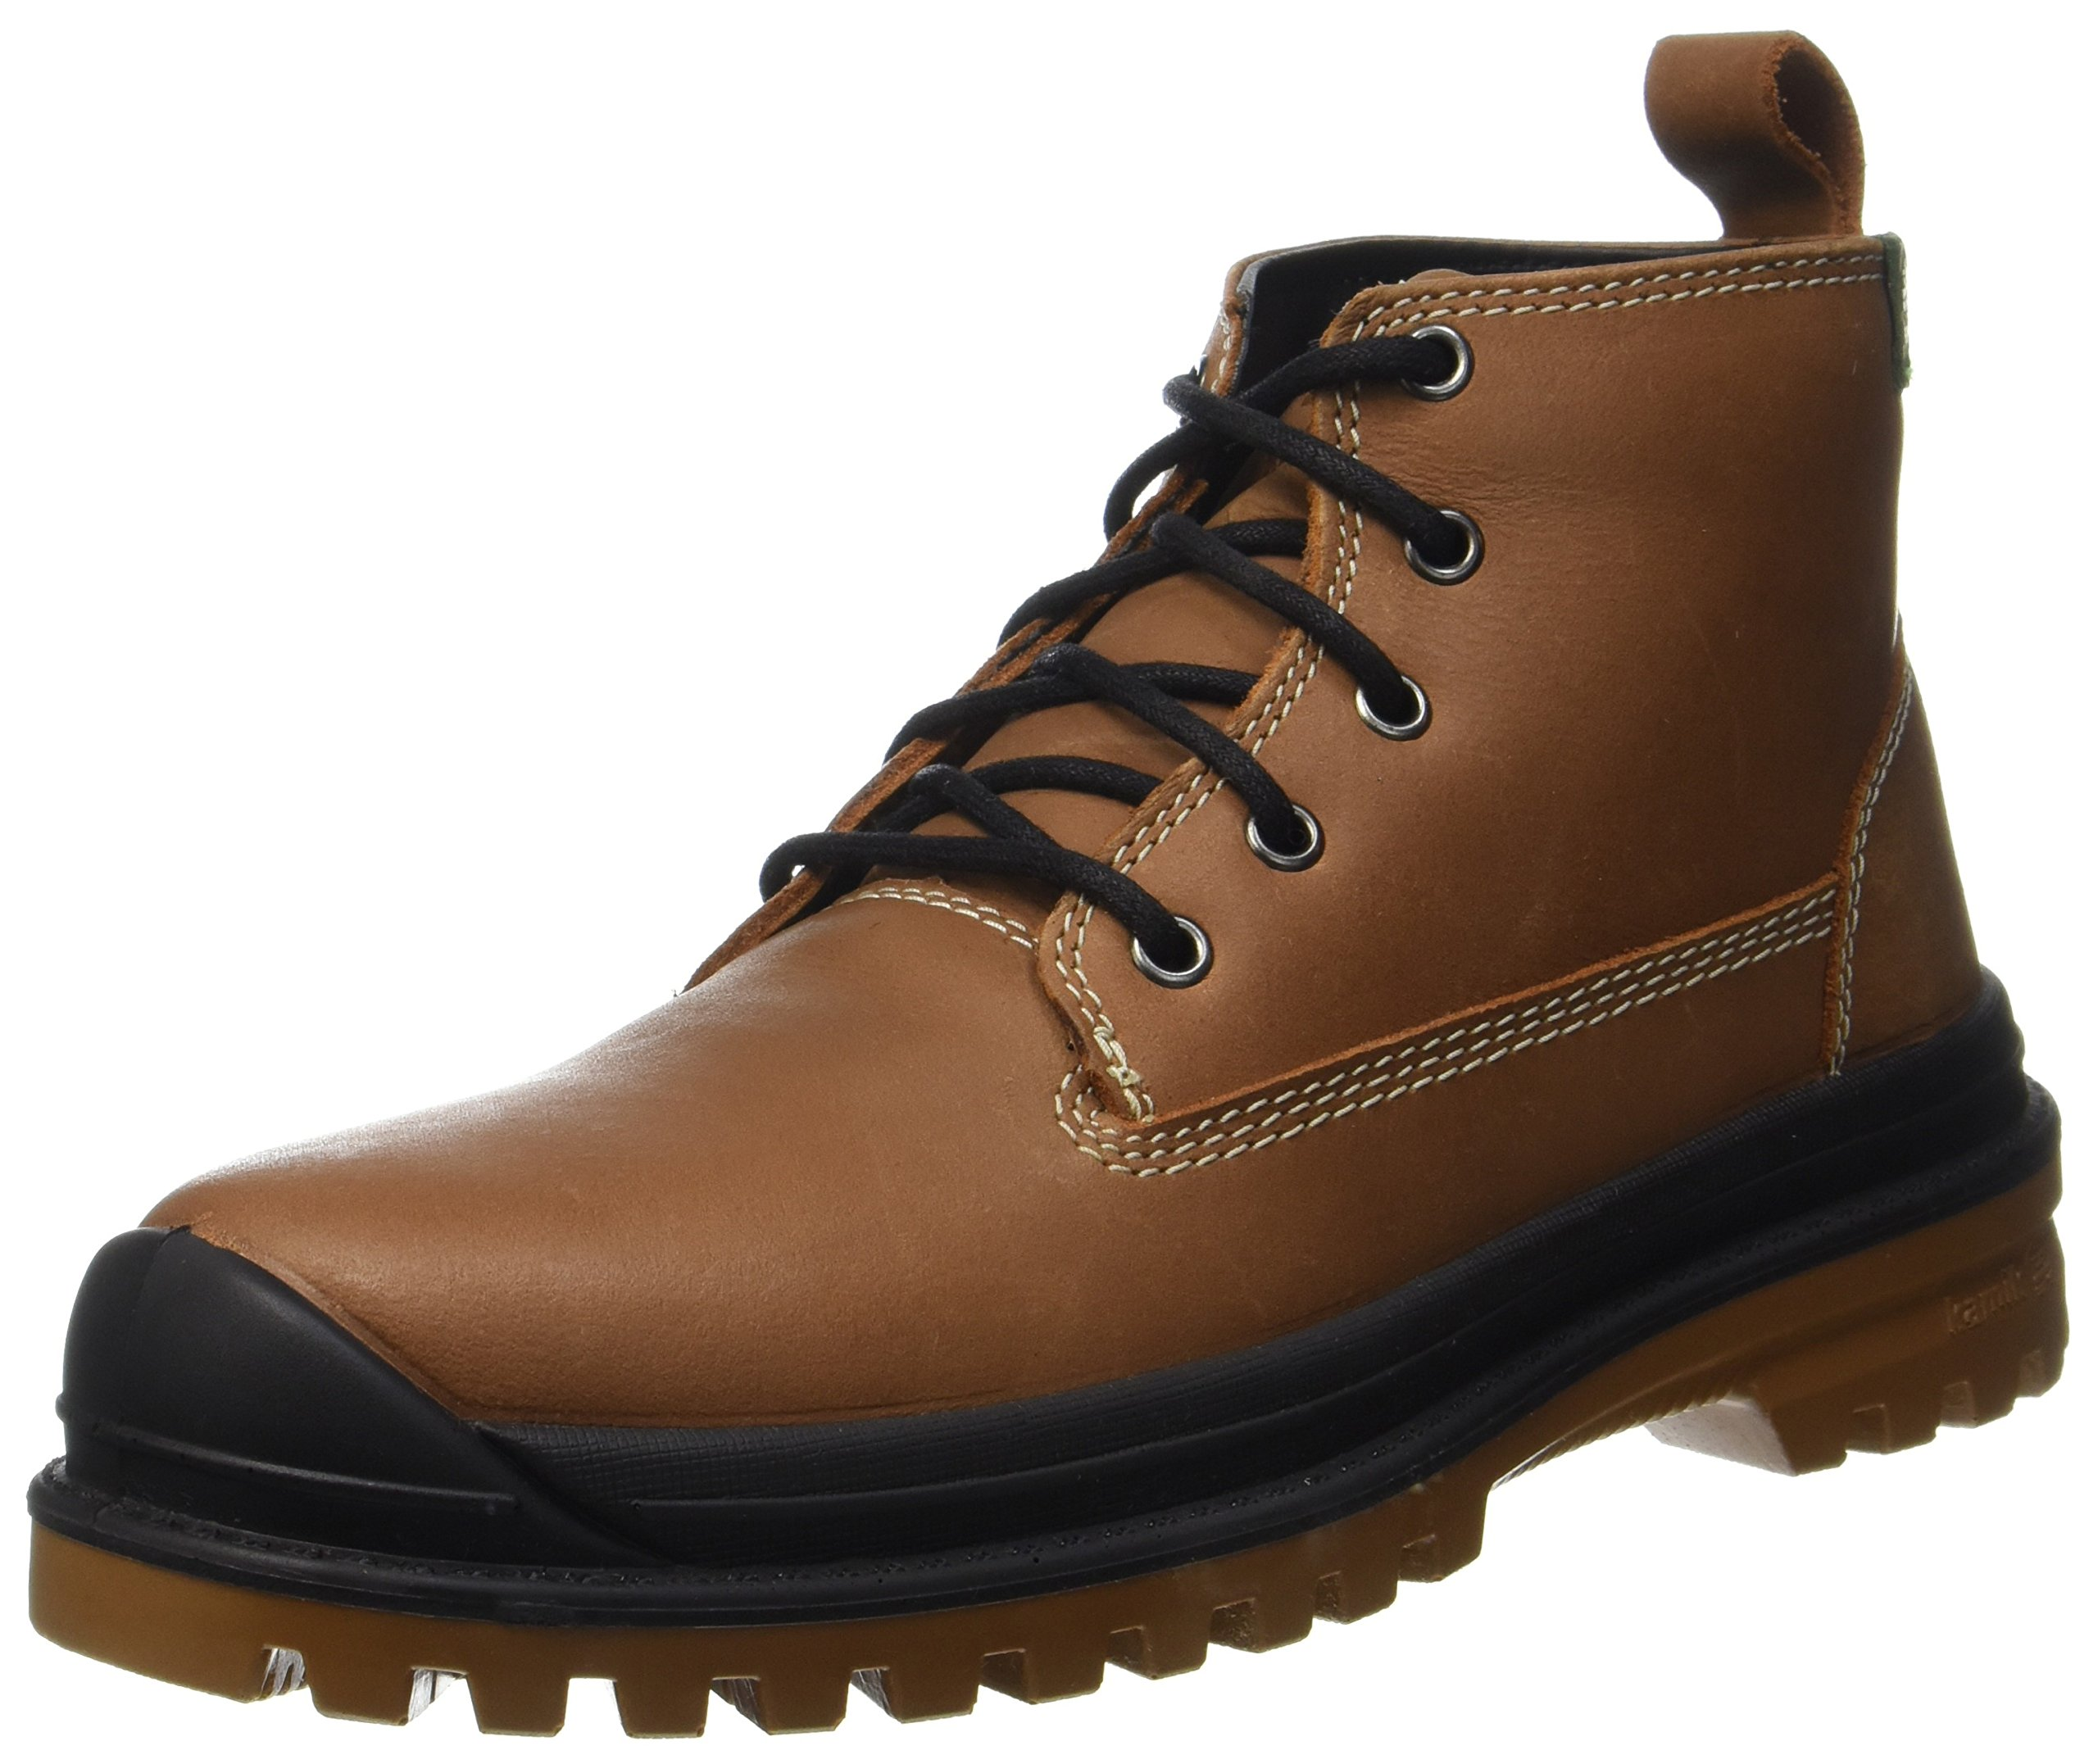 HommeBeigetan Kamik ocre41 Eu Boots Griffonl Chelsea FlK1T3Jc